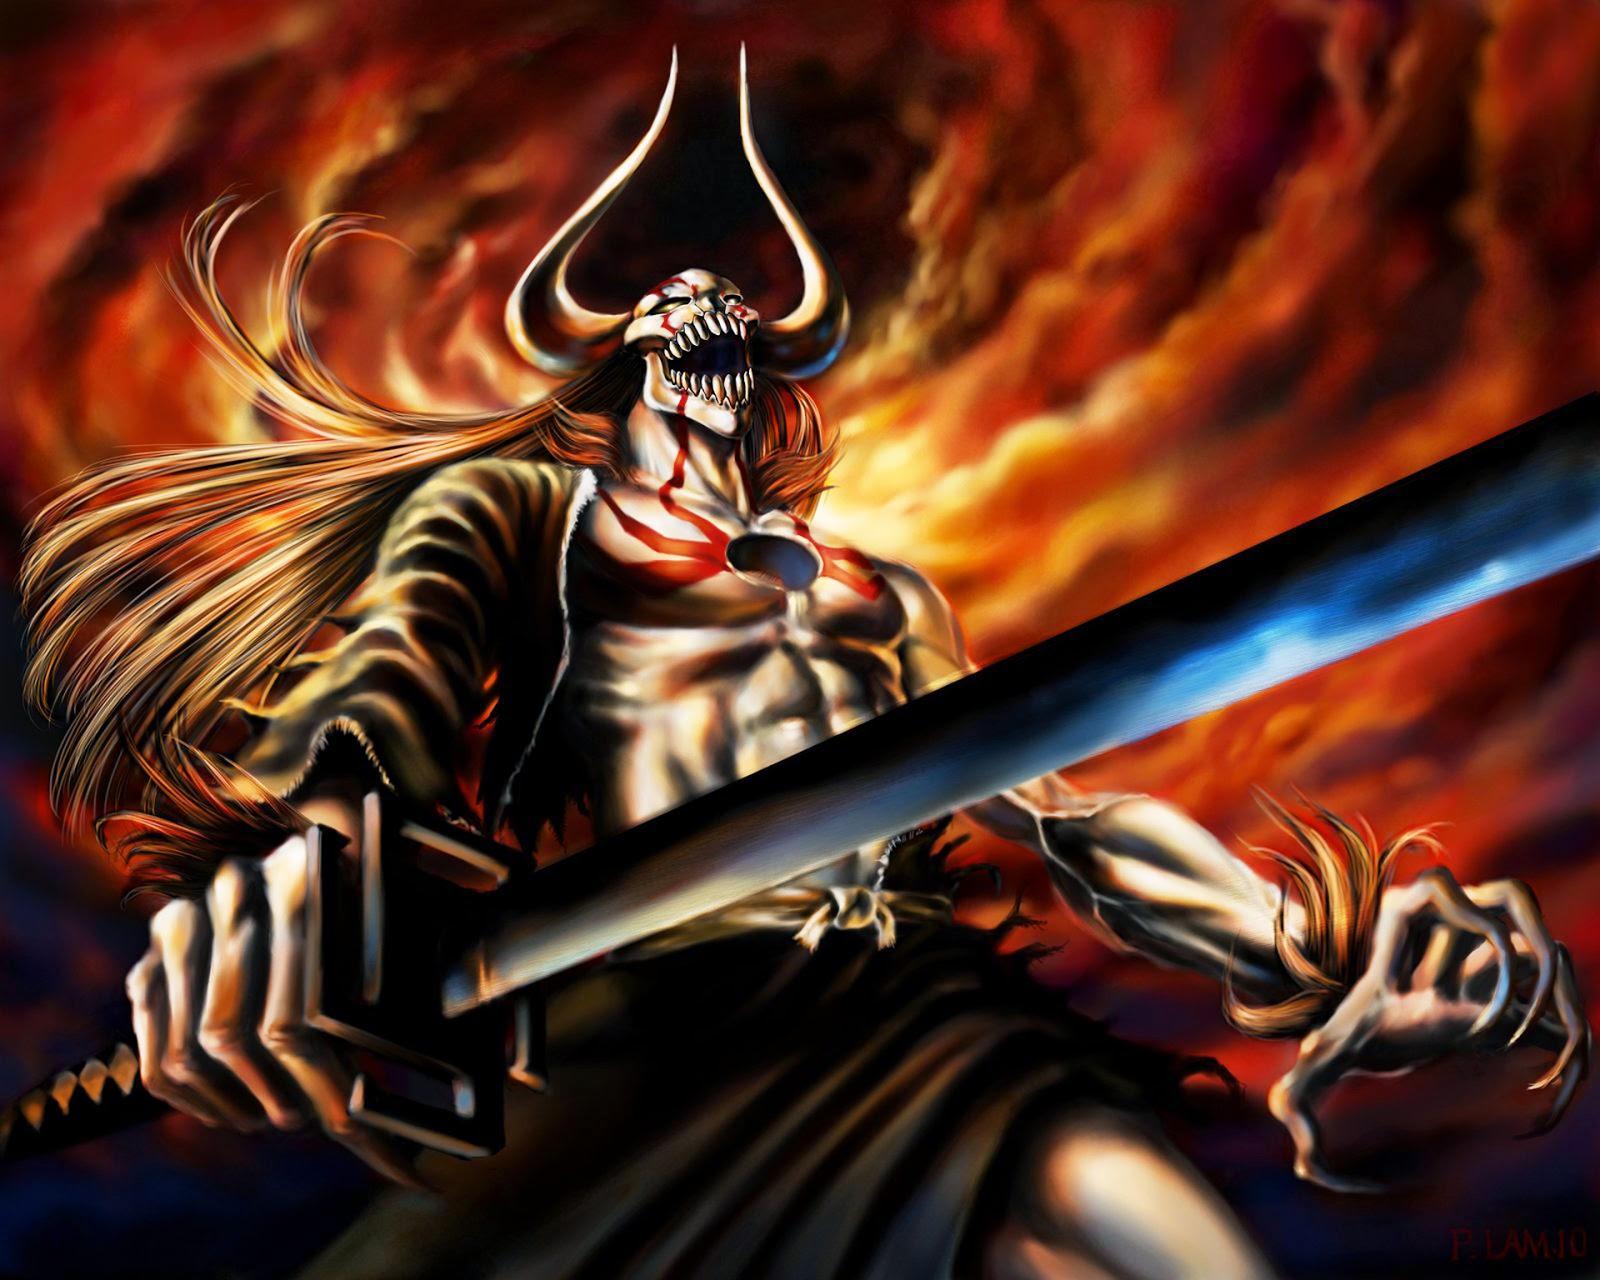 ICHIGO FULL HOLLOW BADASS POWER BLEACH WALLPAPER